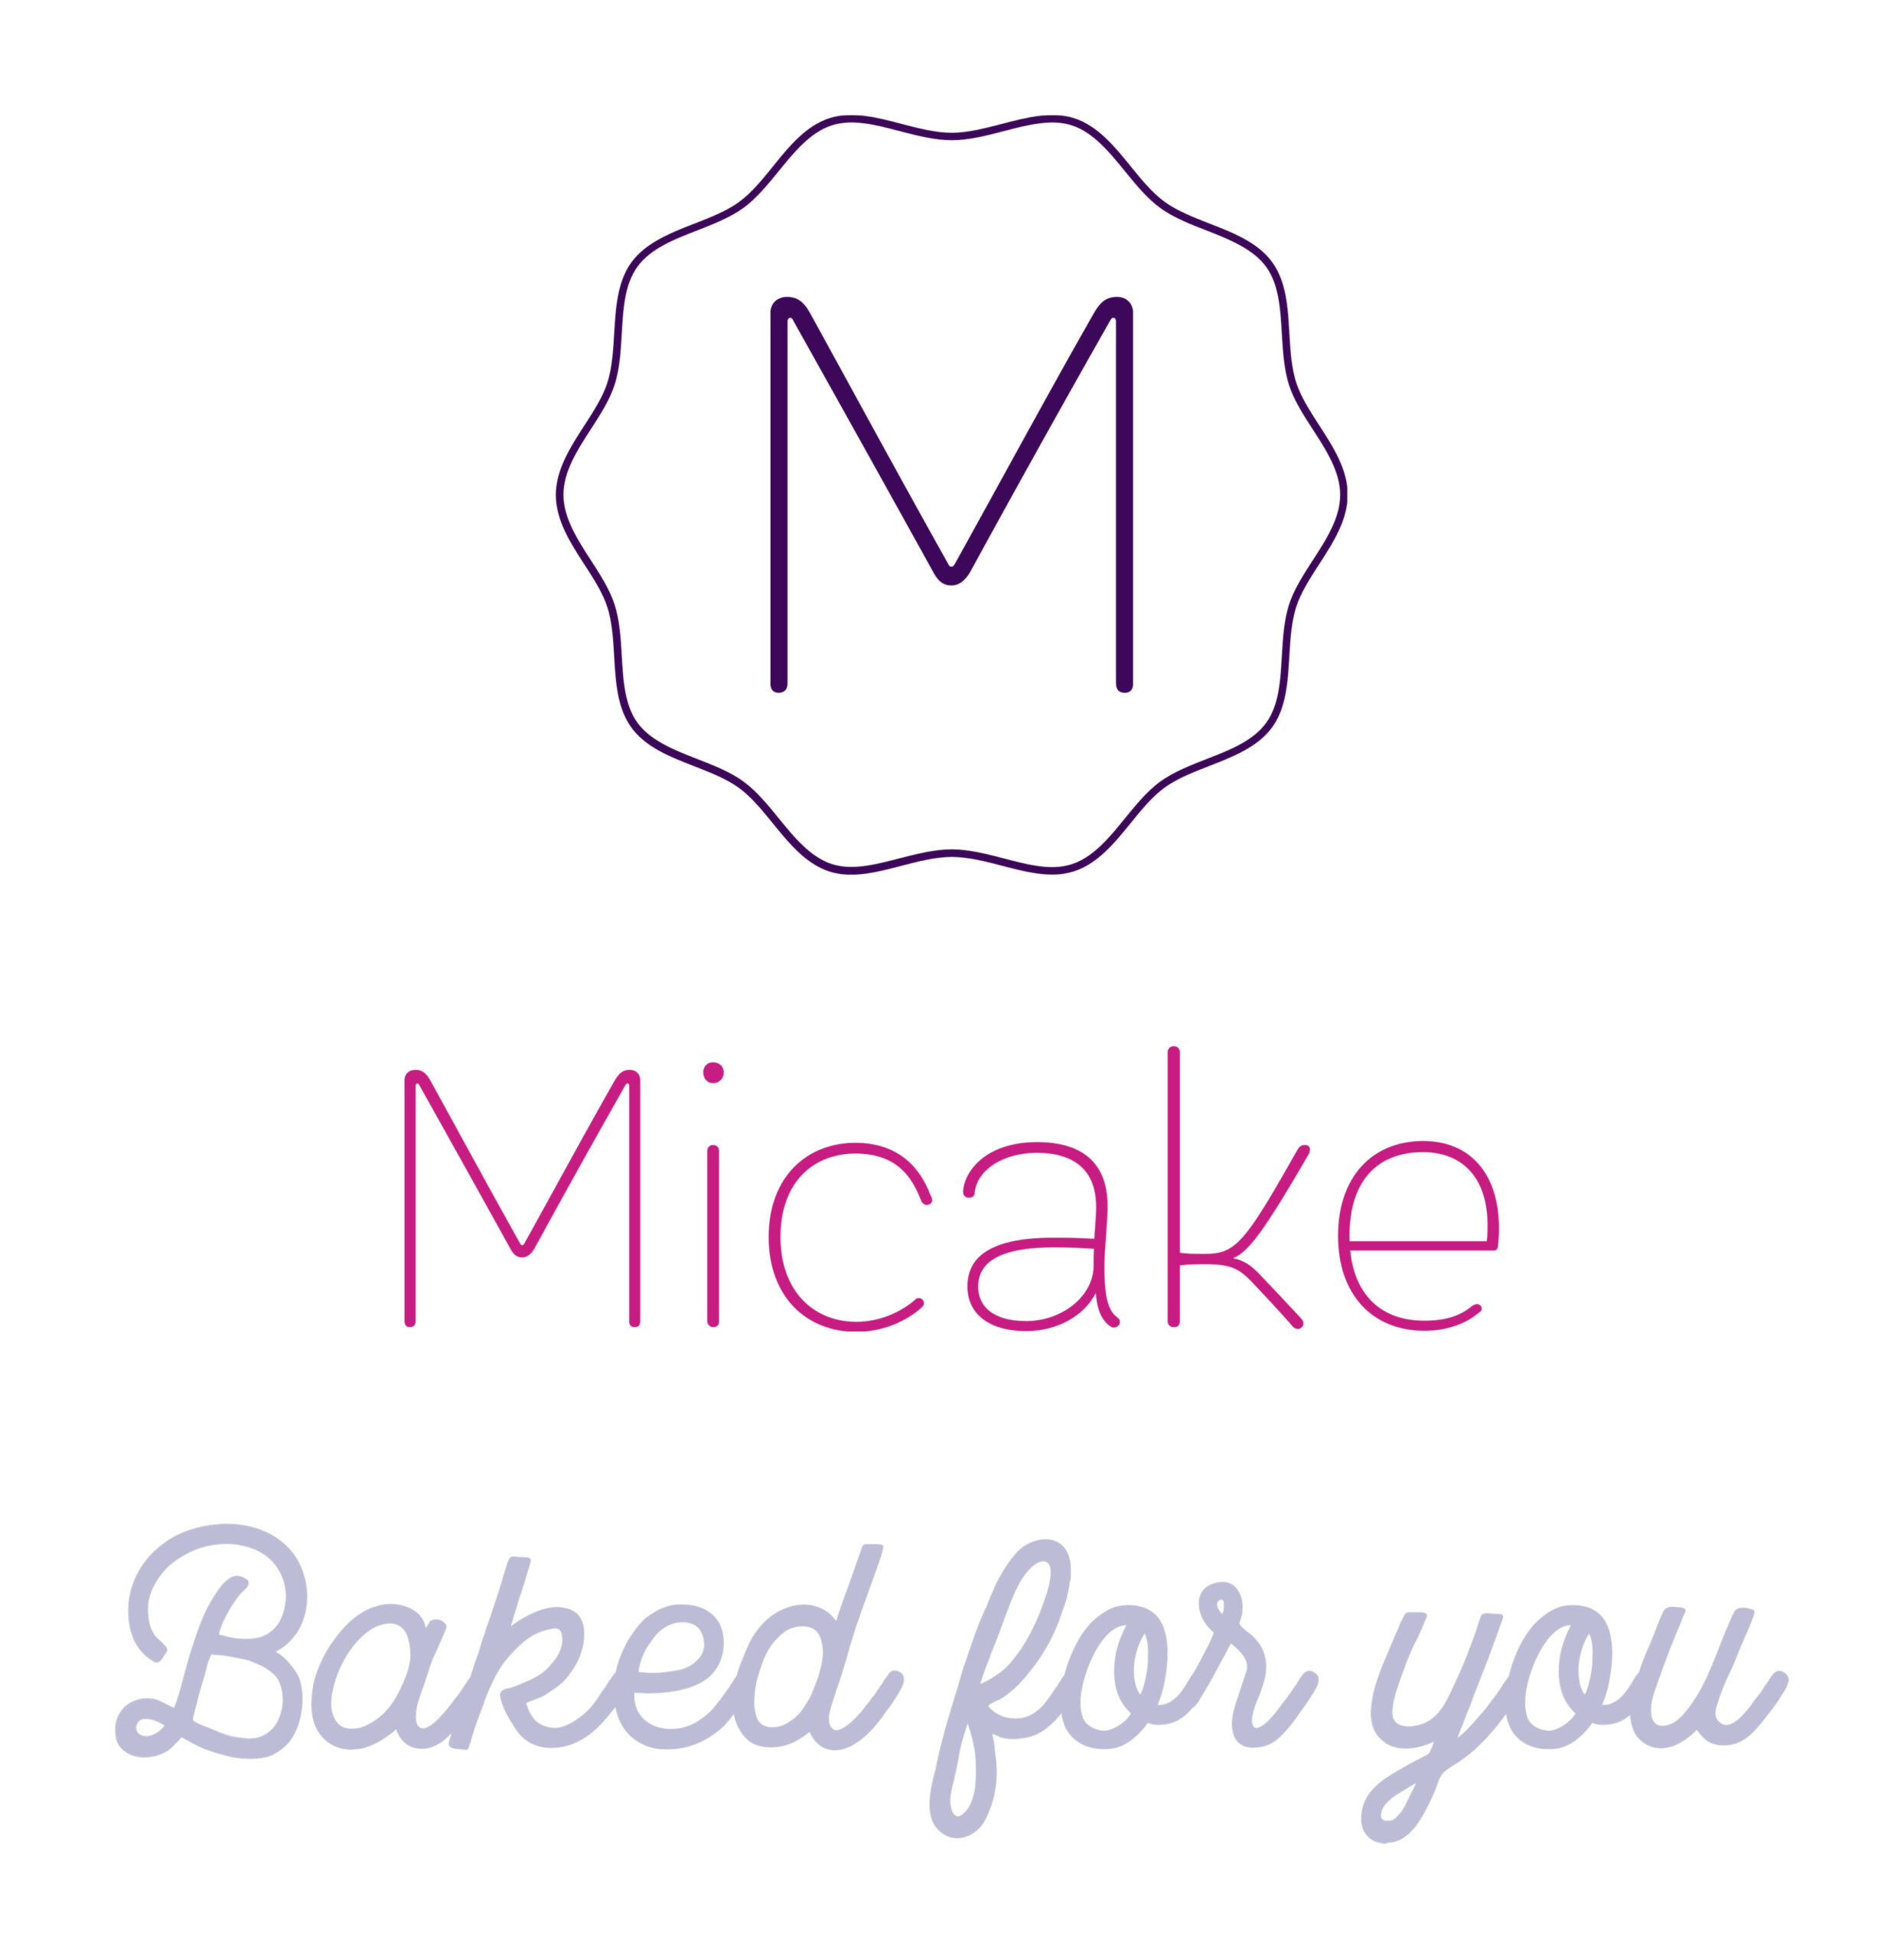 Micake logo